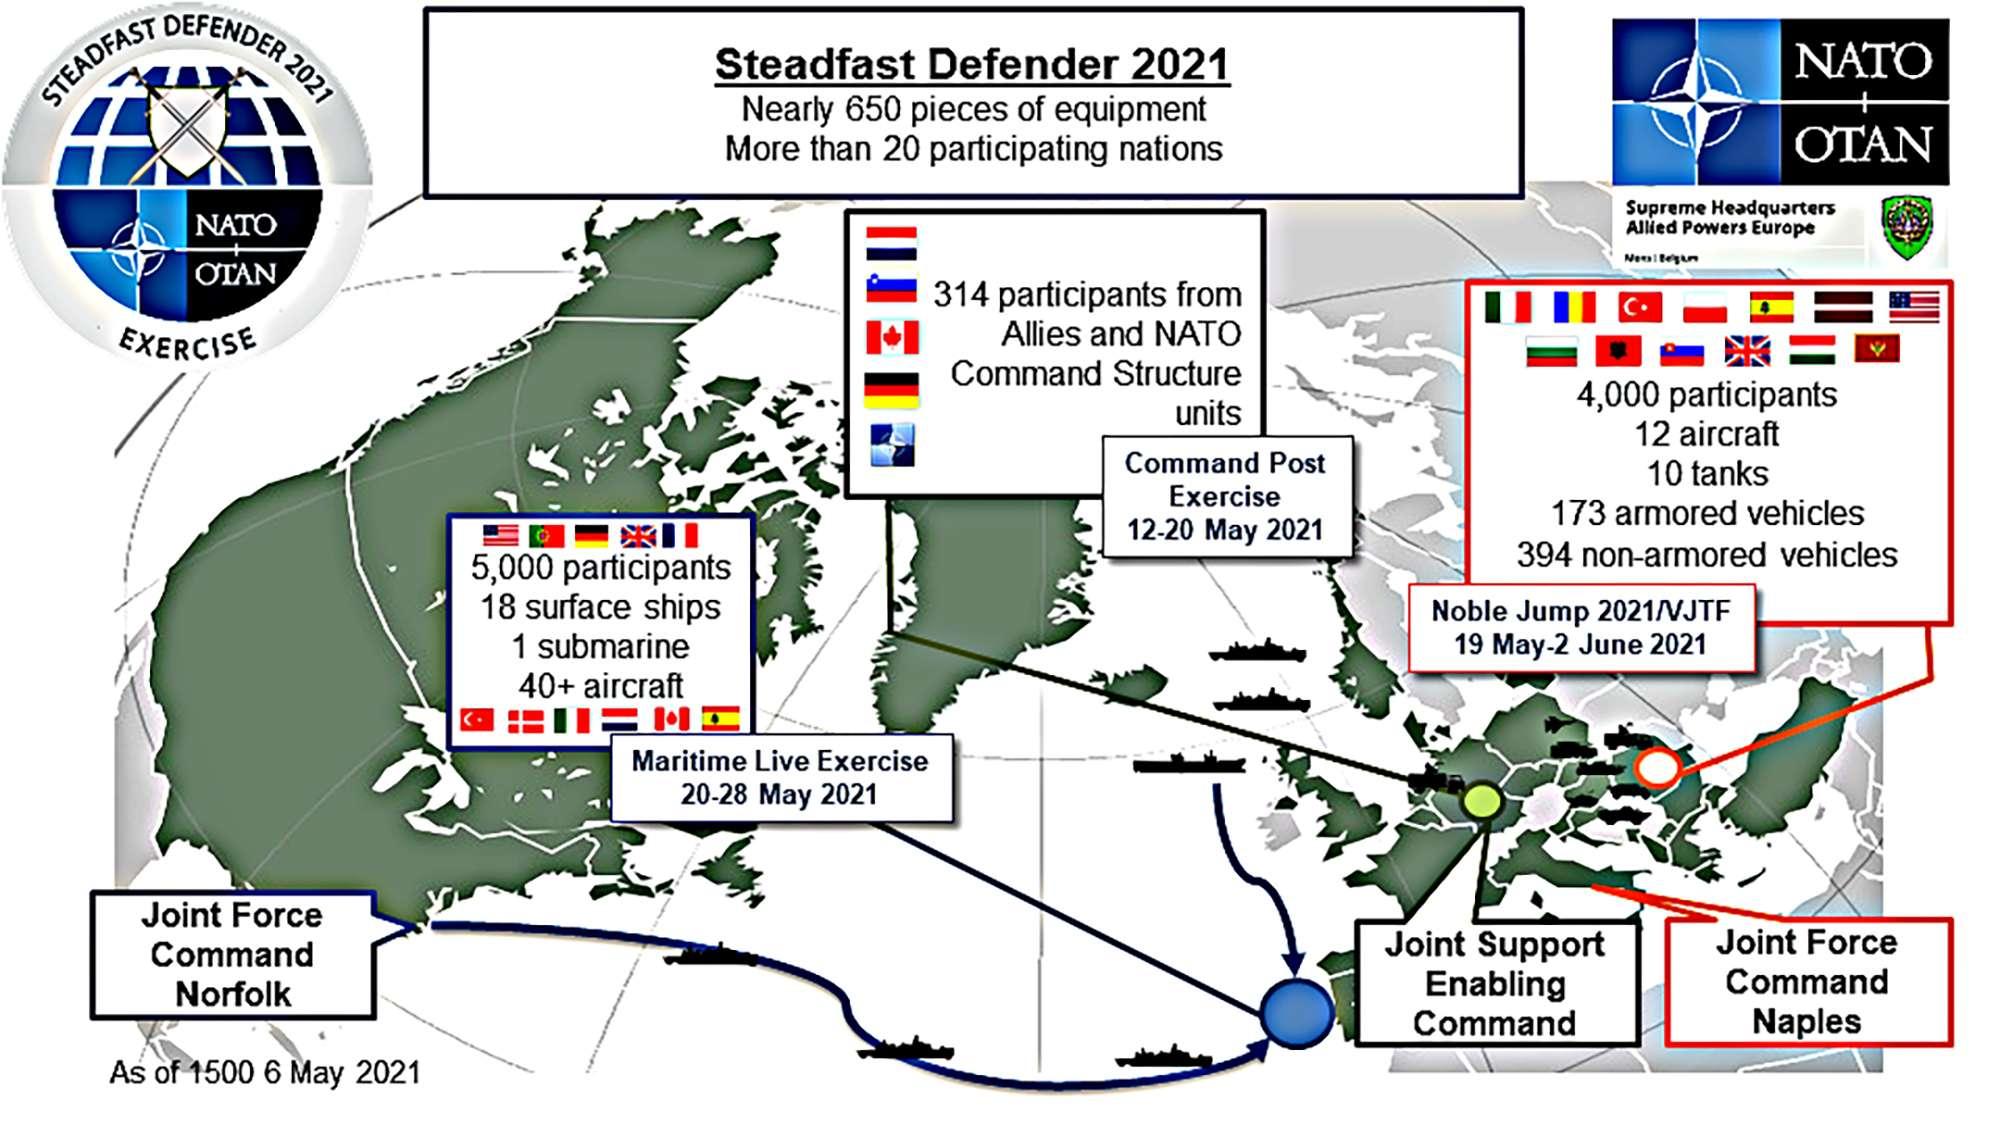 STEADFAST DEFENDER 2021